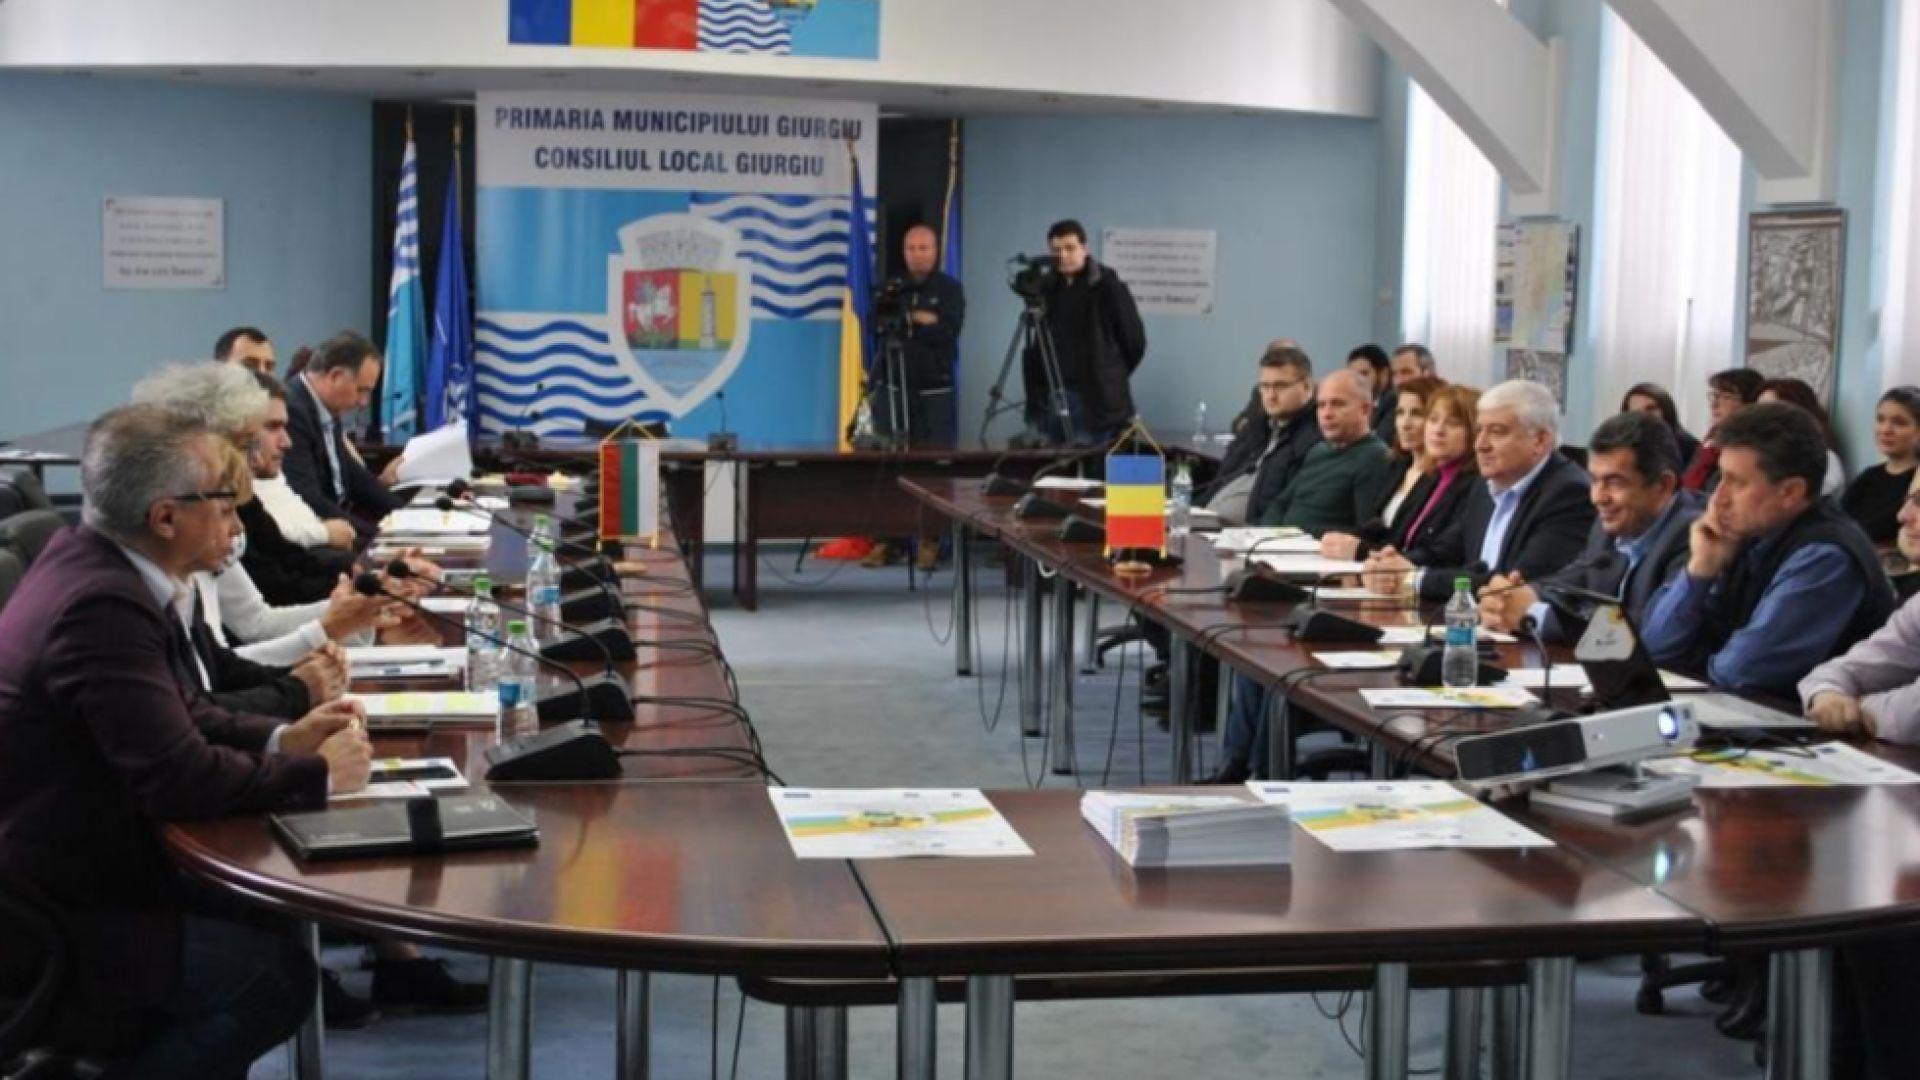 Гюргево и Русе развиват съвместен трансграничен проект за над 15 млн. лева